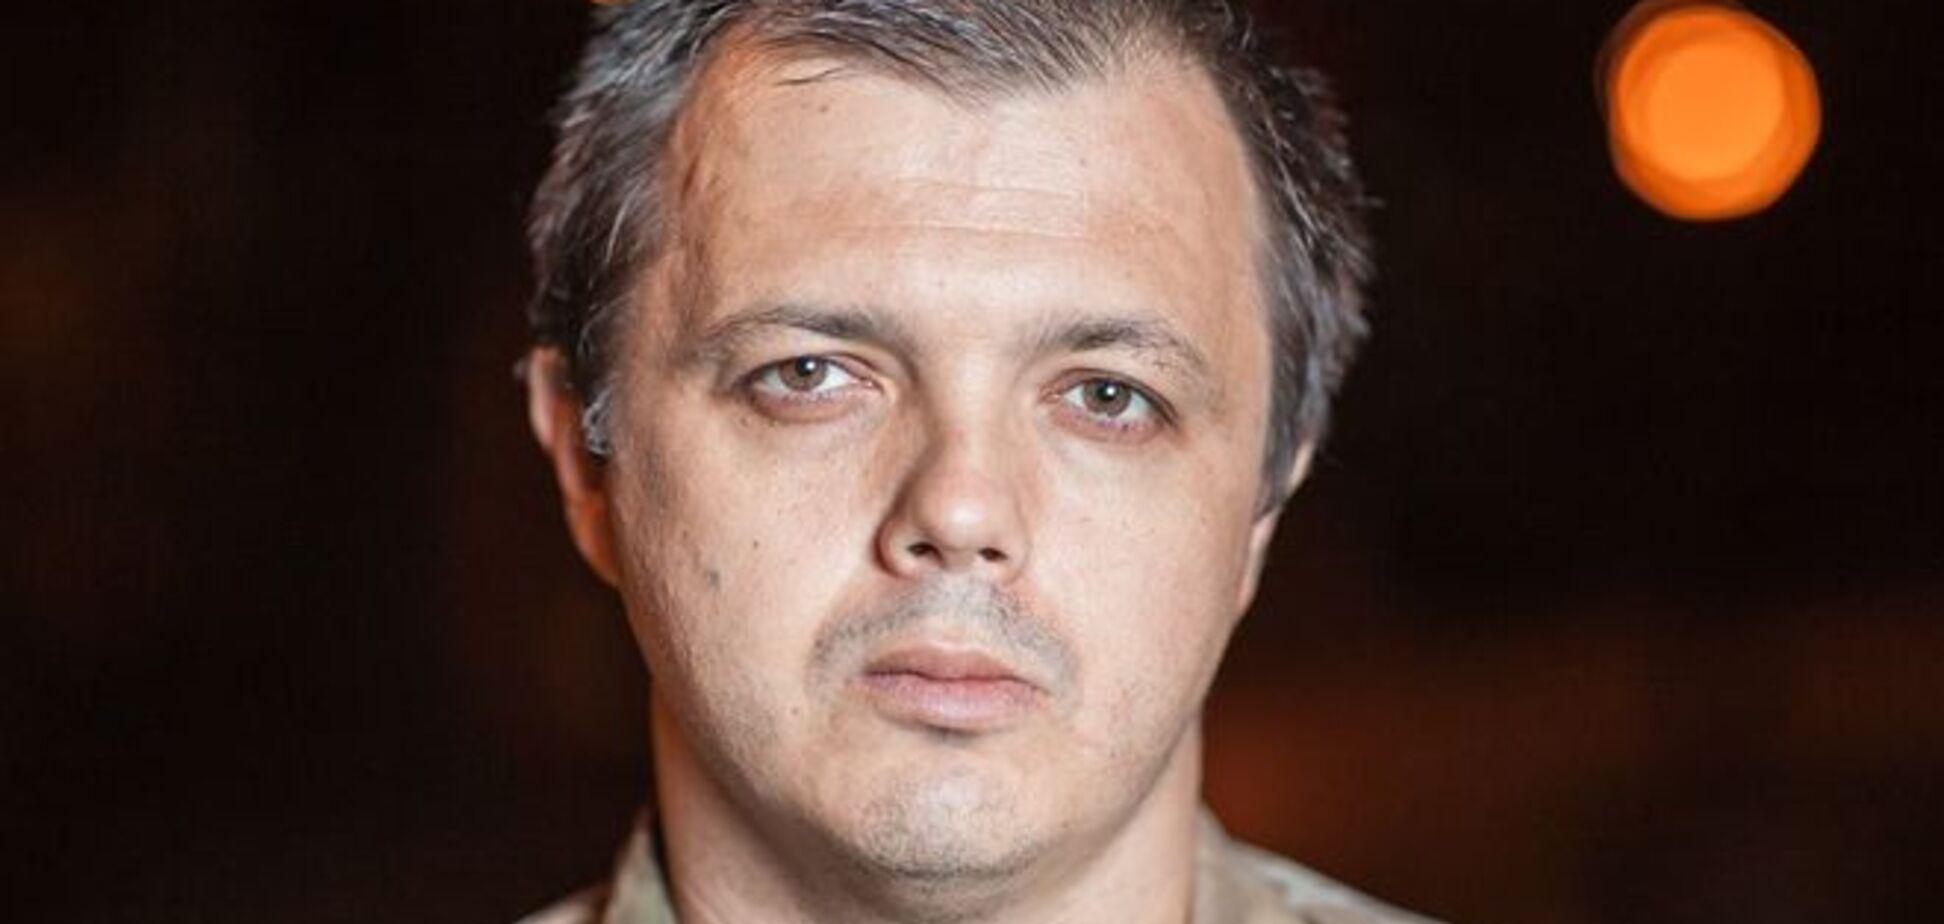 'Легендарный комбат Семен Семенченко  - это бренд МВД'. Не лучше Януковича?